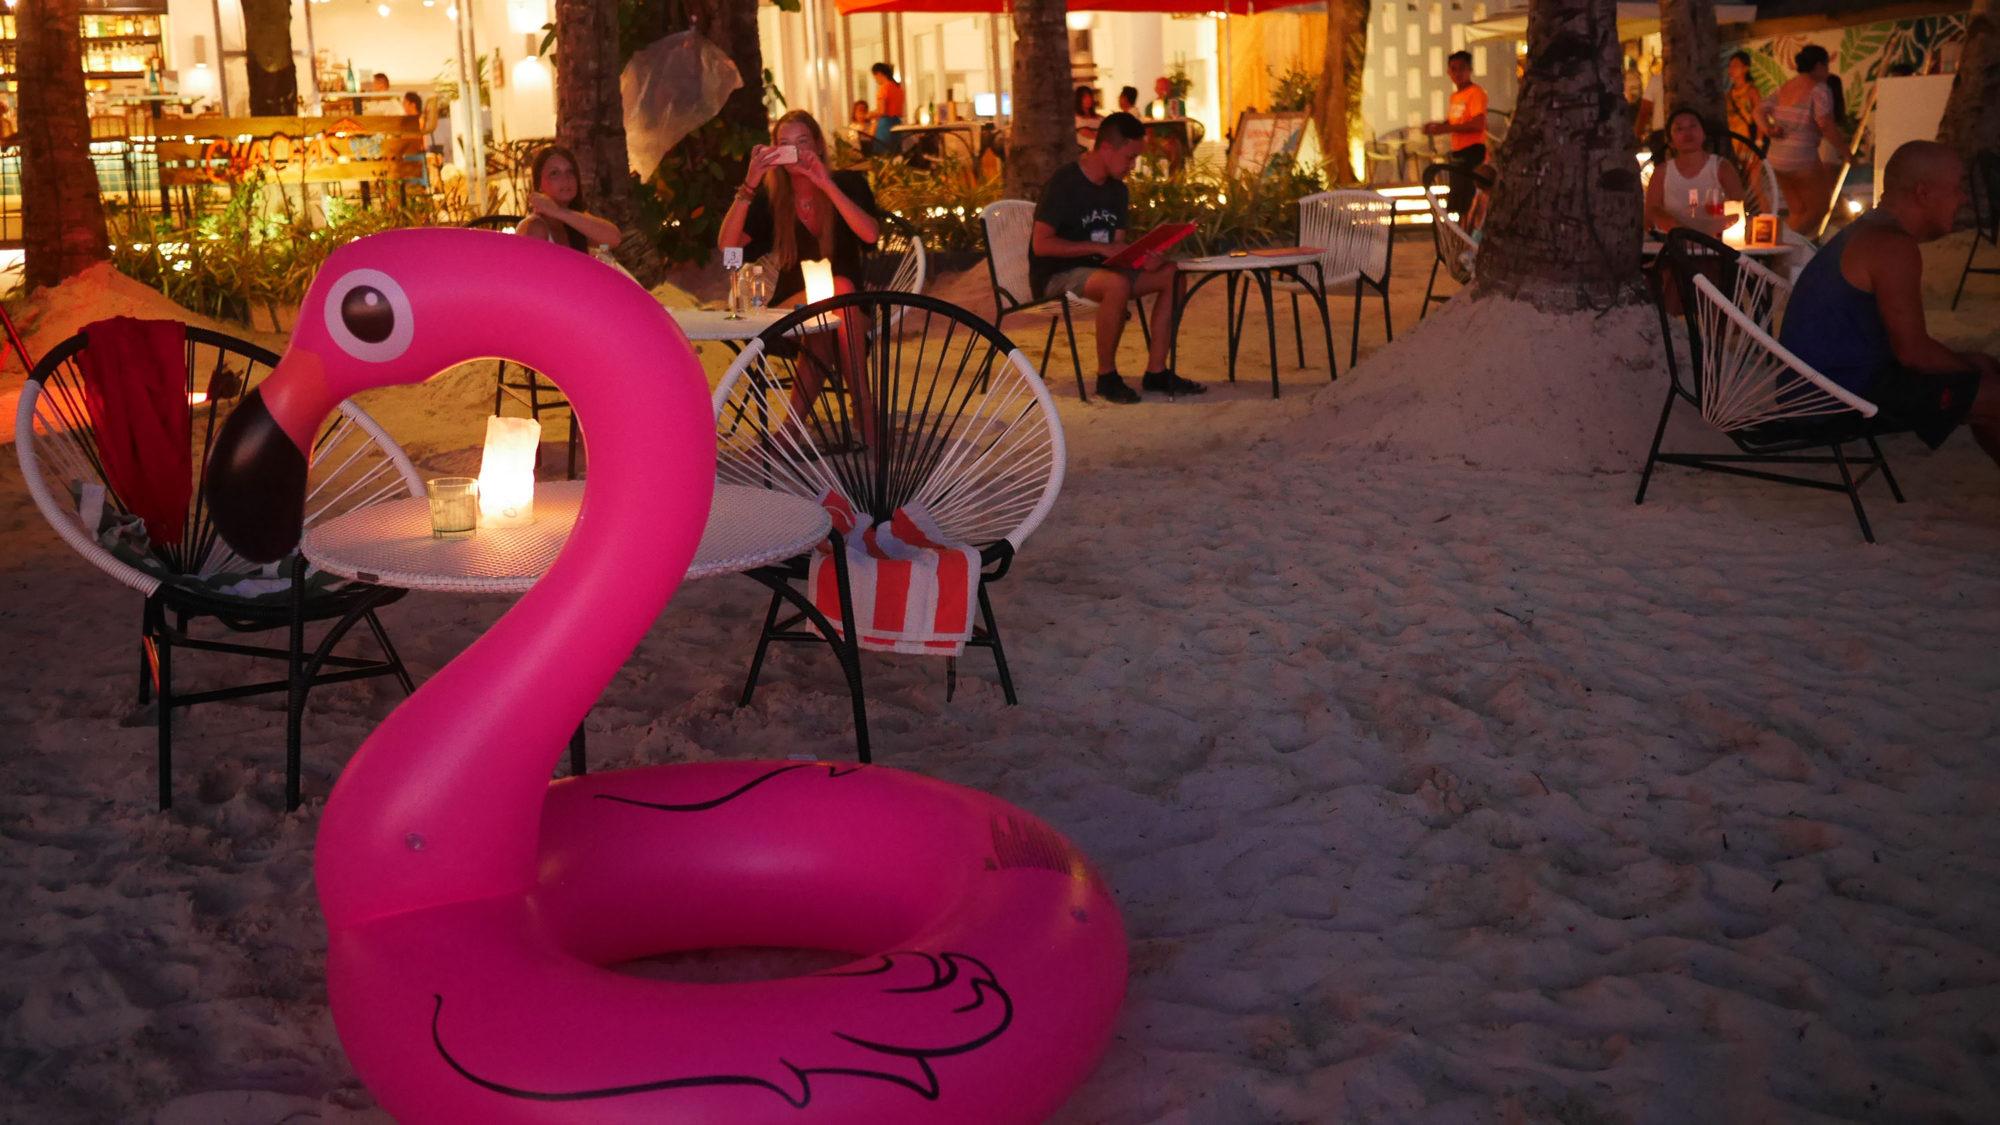 ディナーは浜辺の雰囲気のいいレストランで。